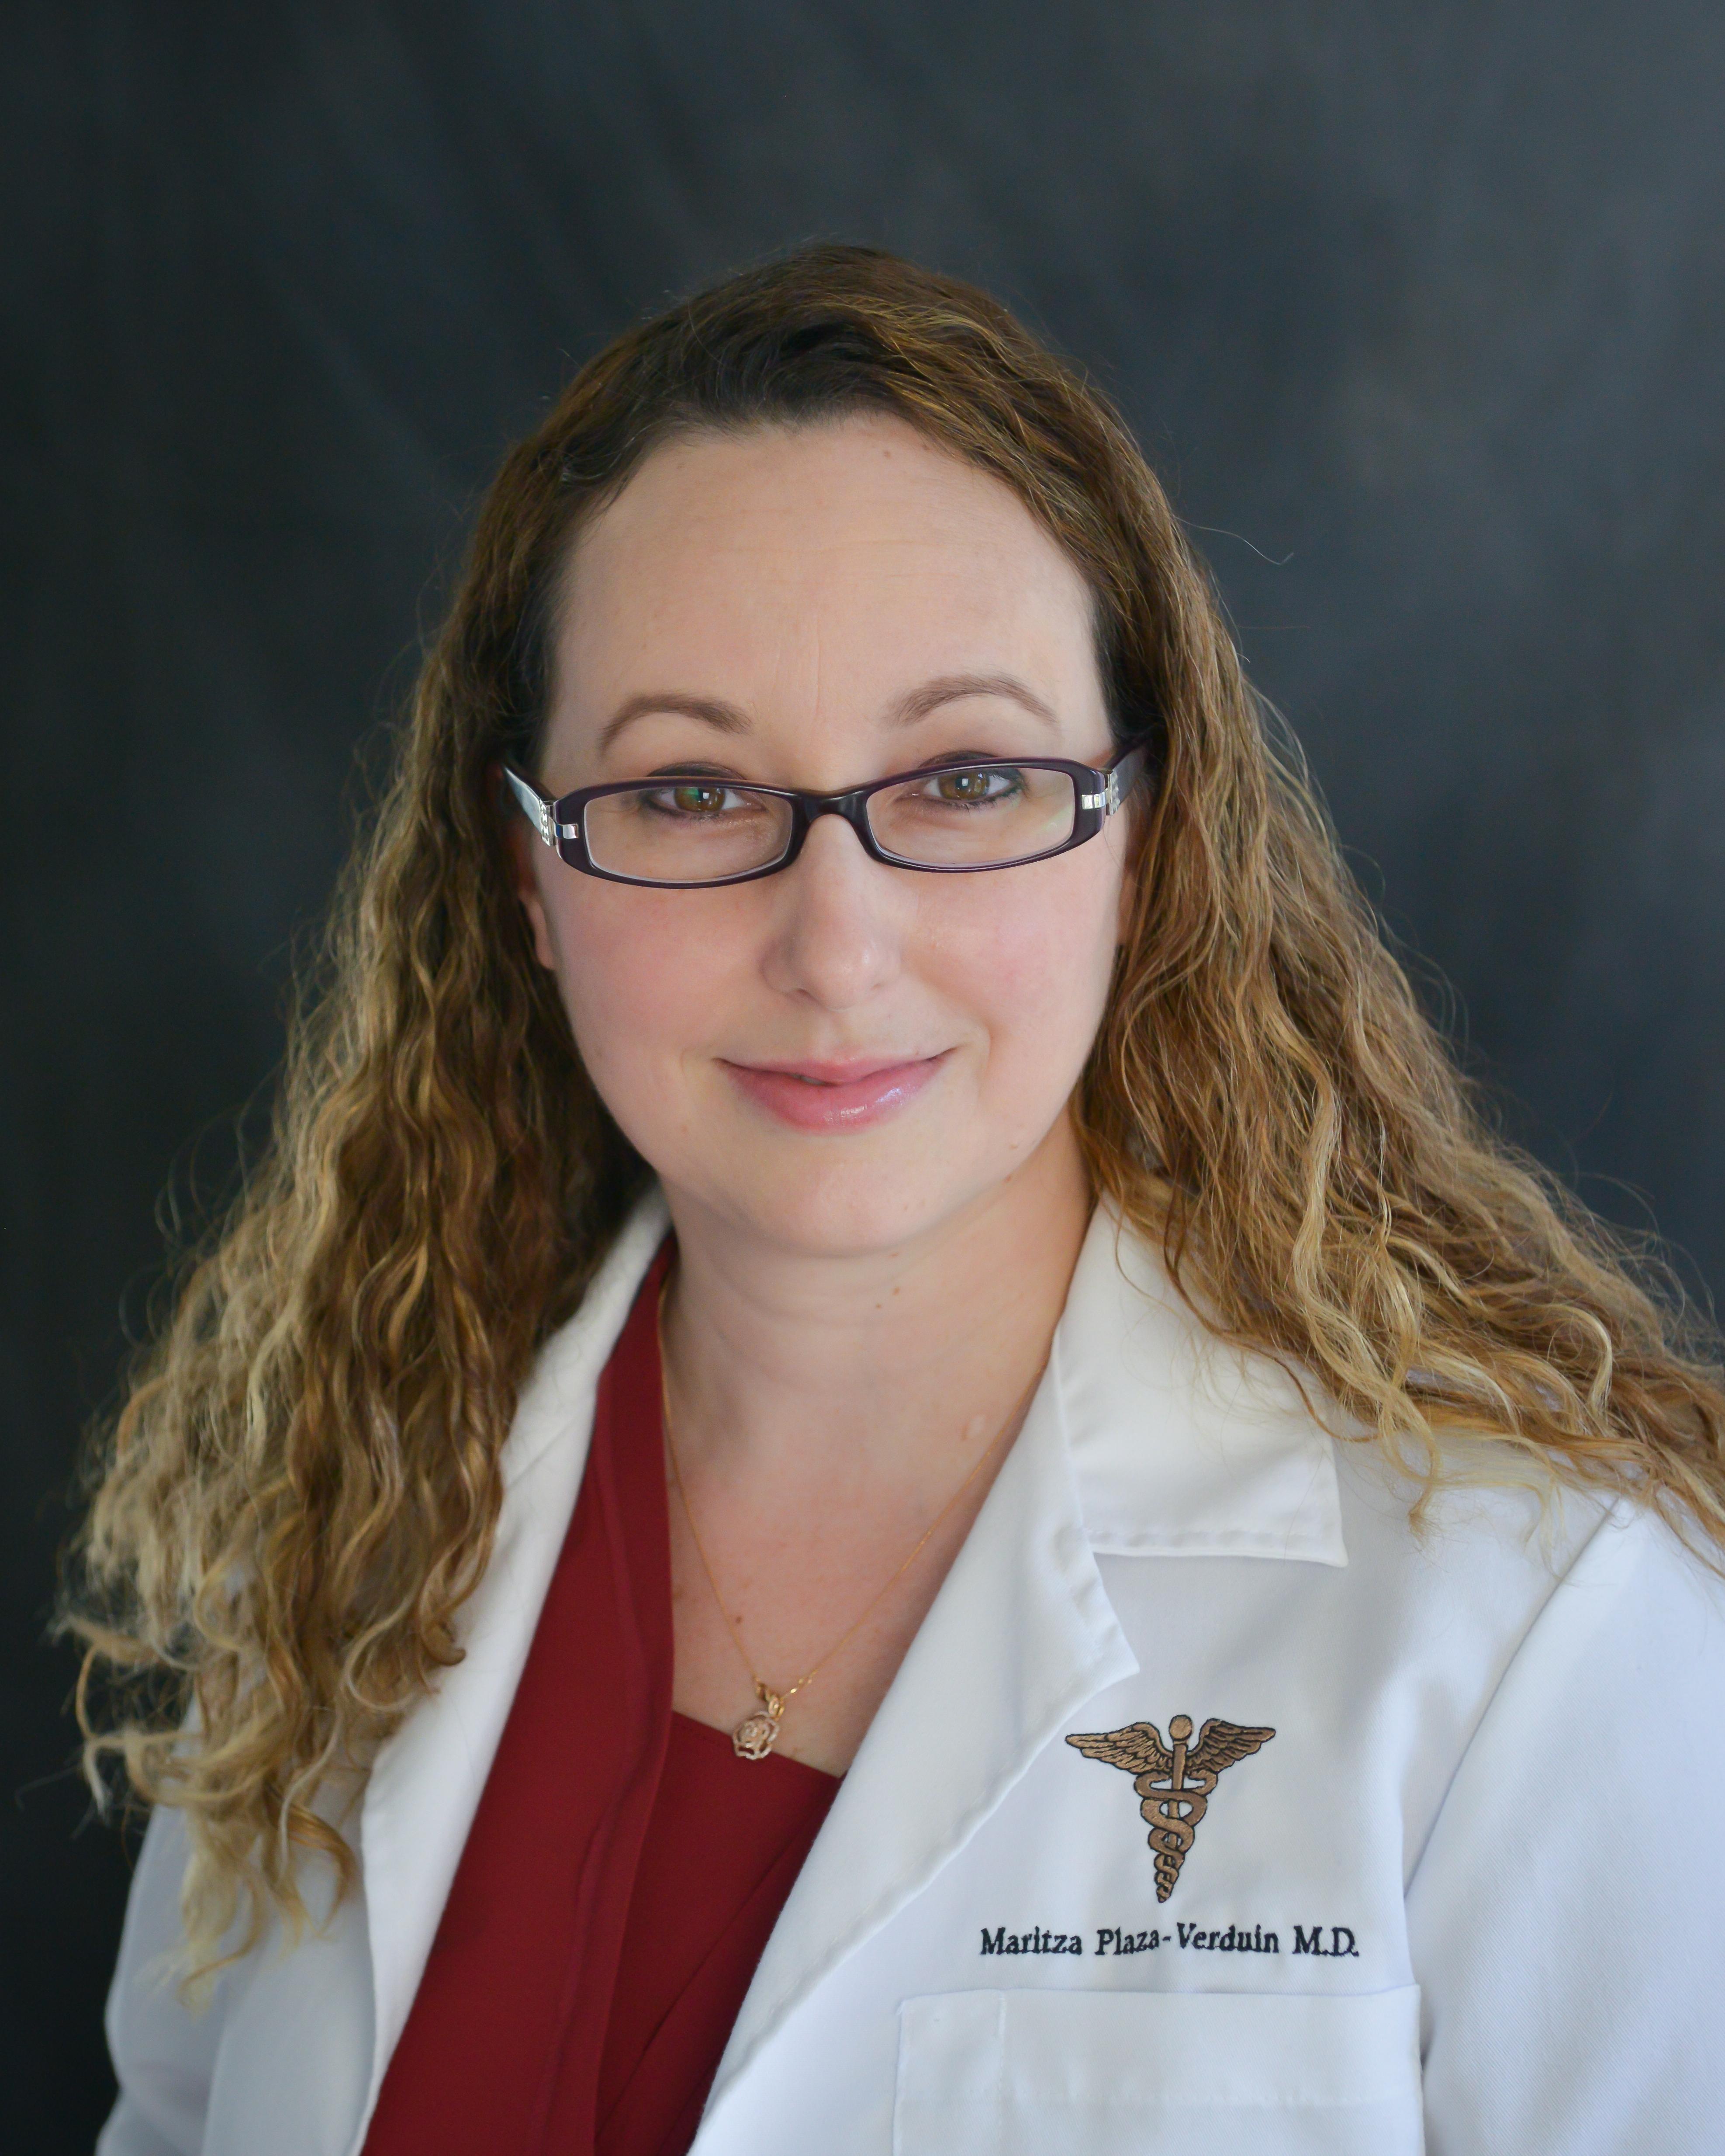 Dr. Maritza Plaza